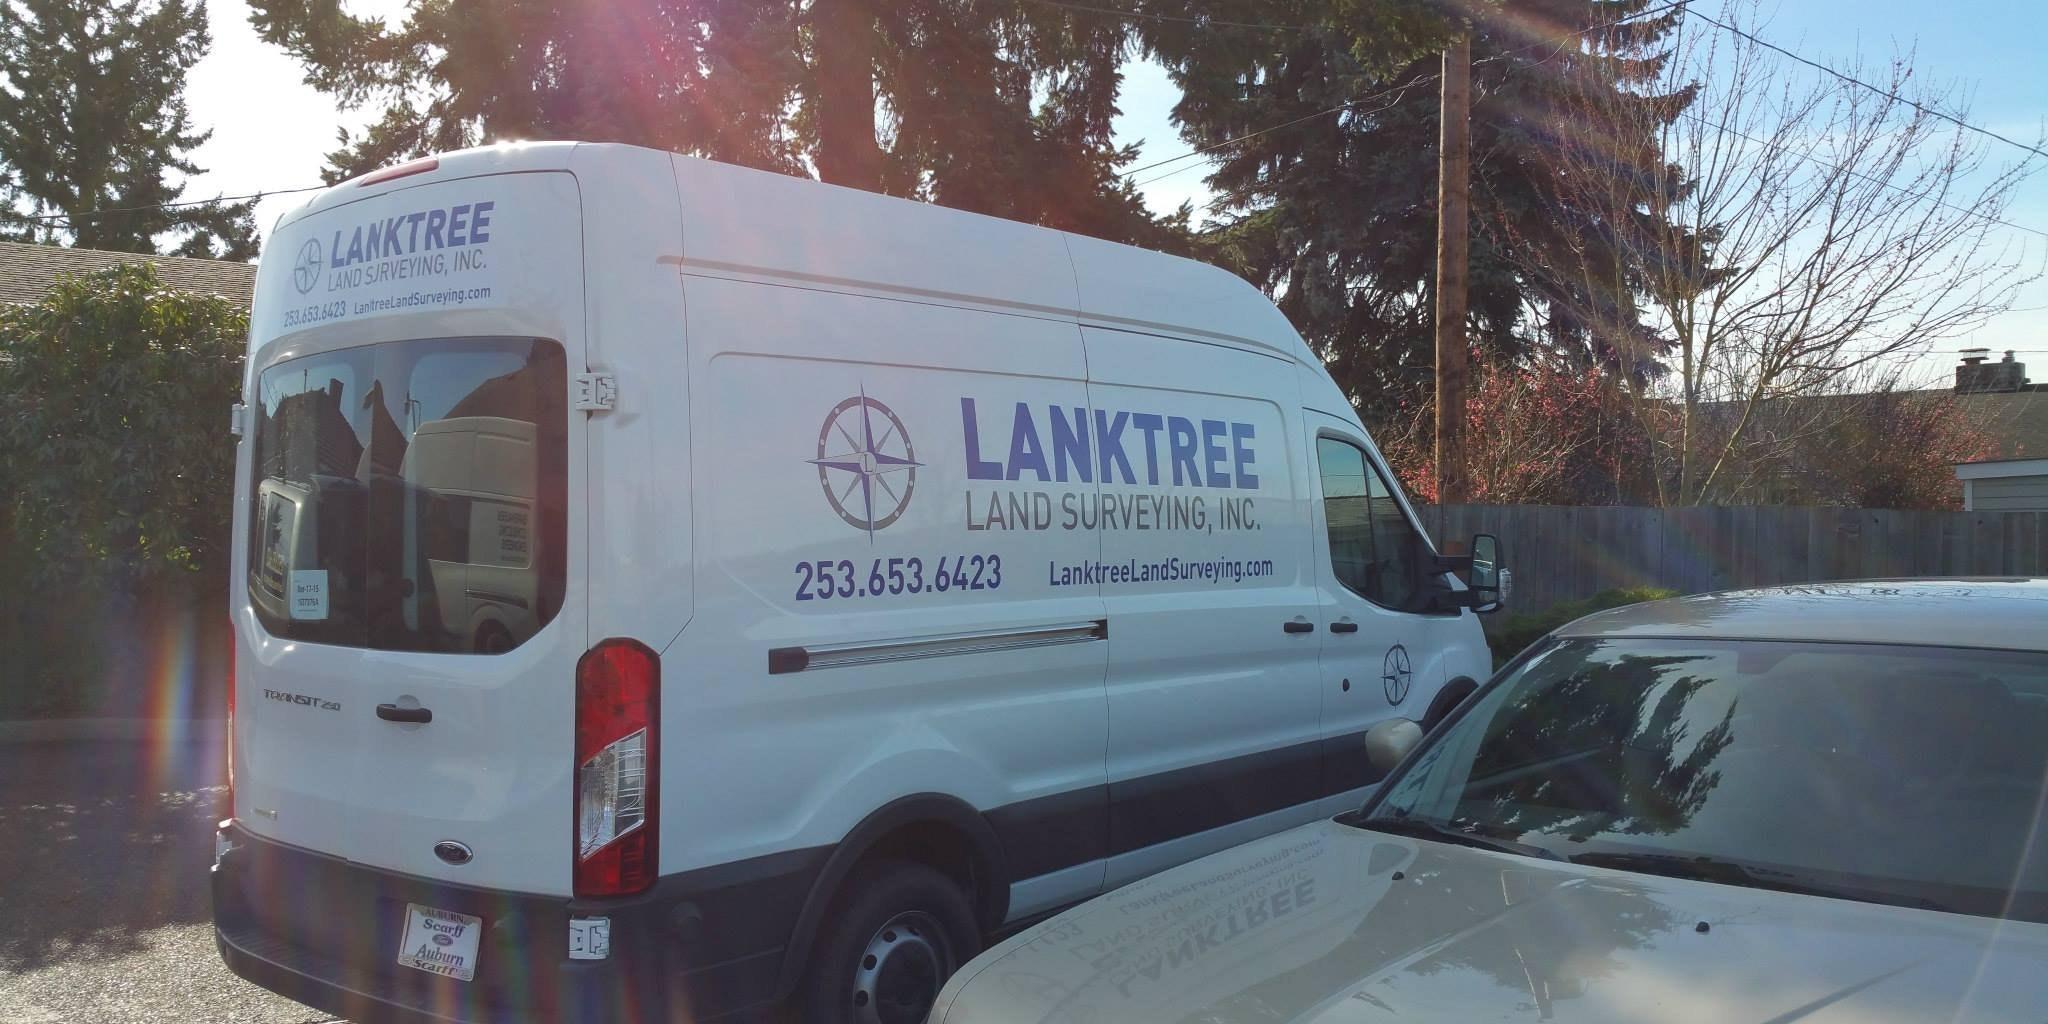 Lanktree Land Surveying, inc.